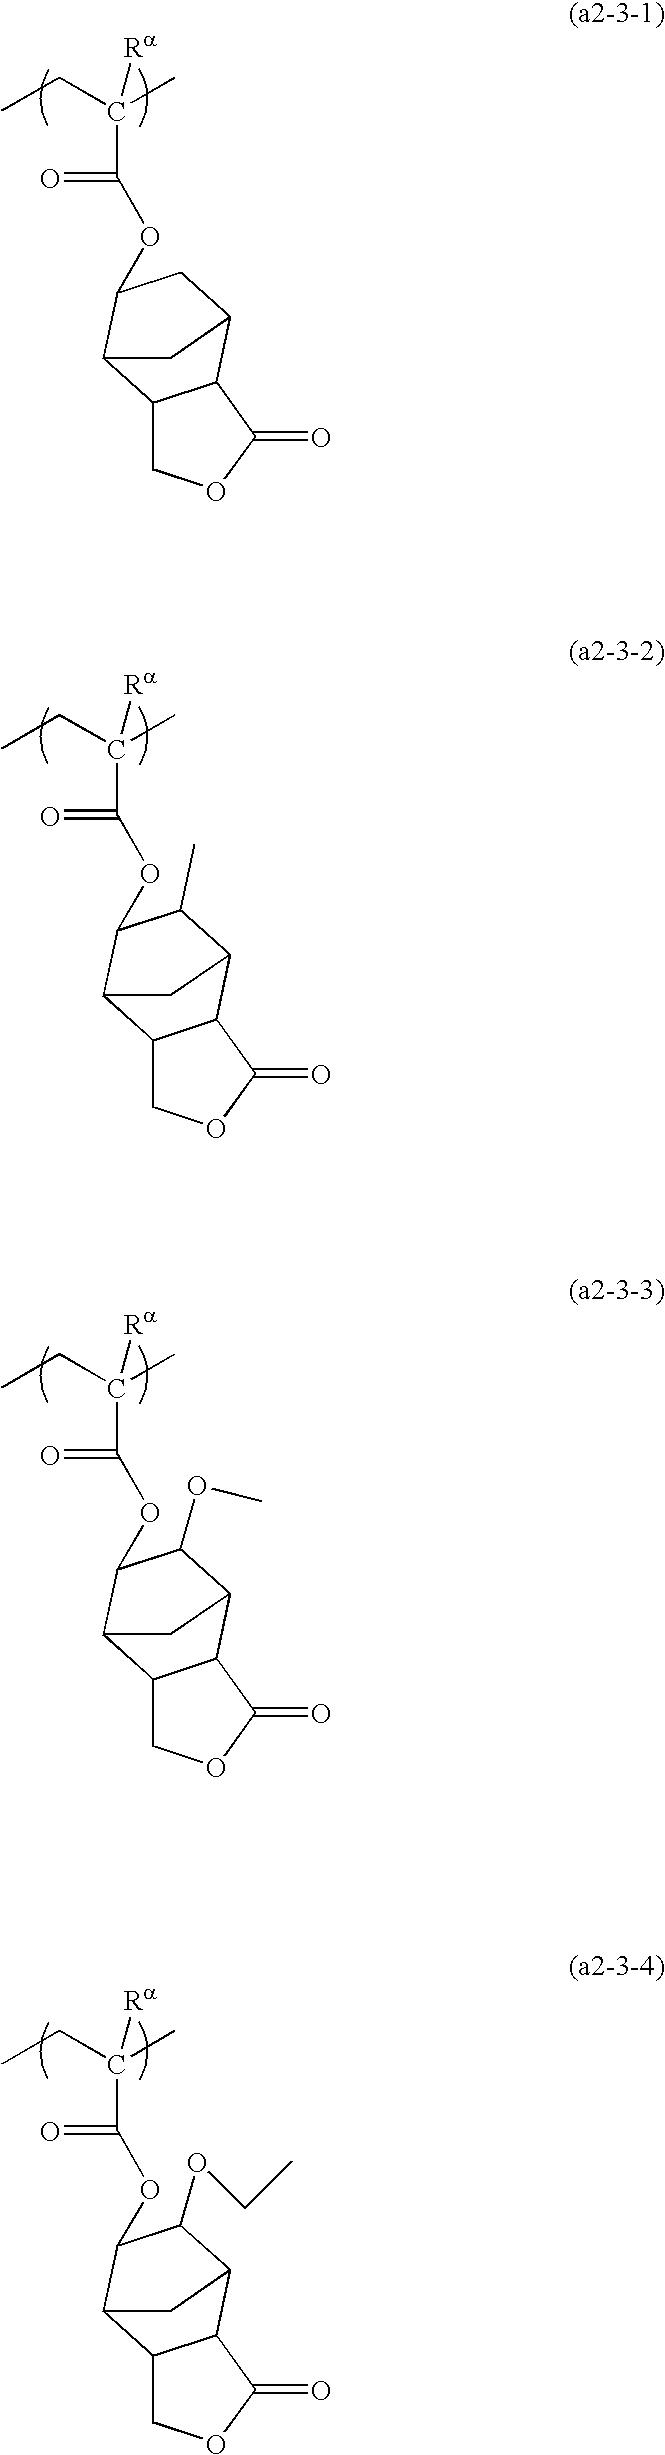 Figure US20100136480A1-20100603-C00063